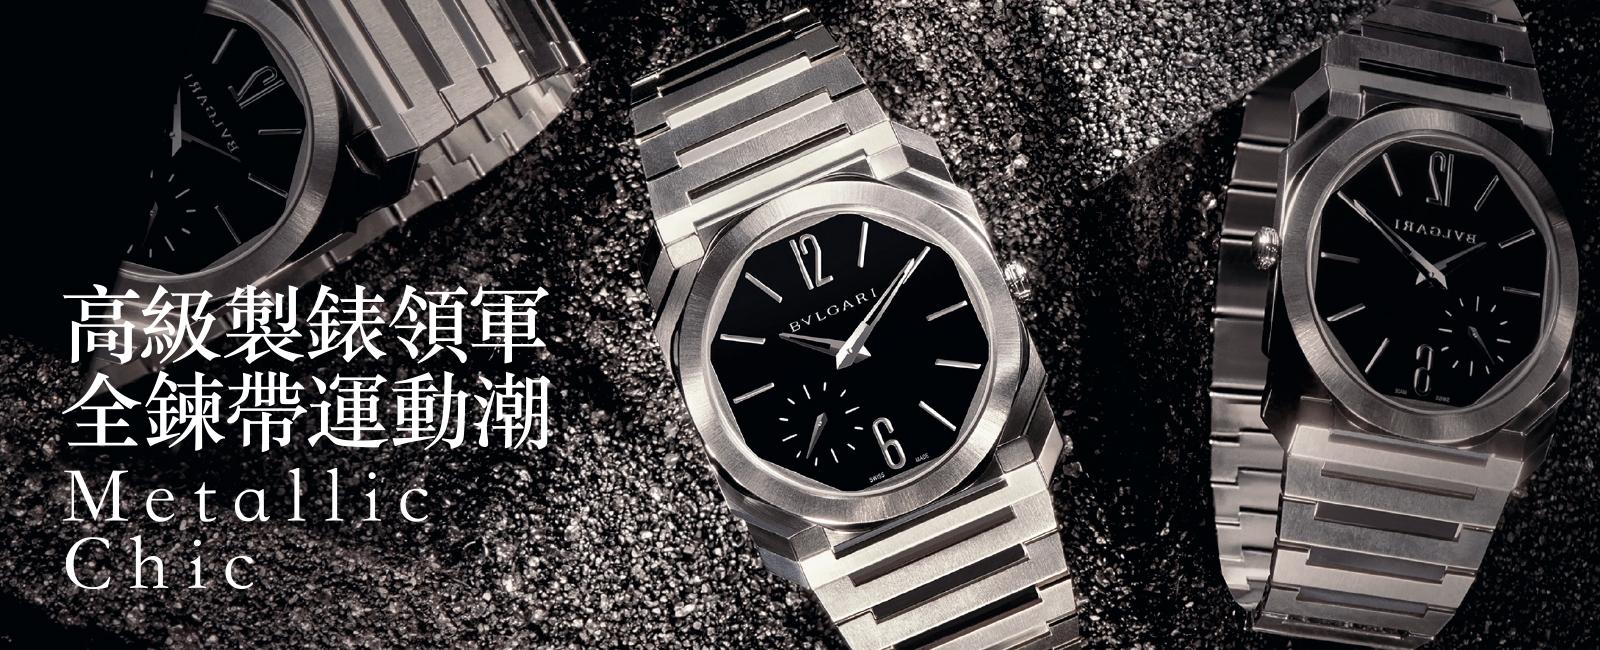 高級製錶領軍 全鍊帶運動潮